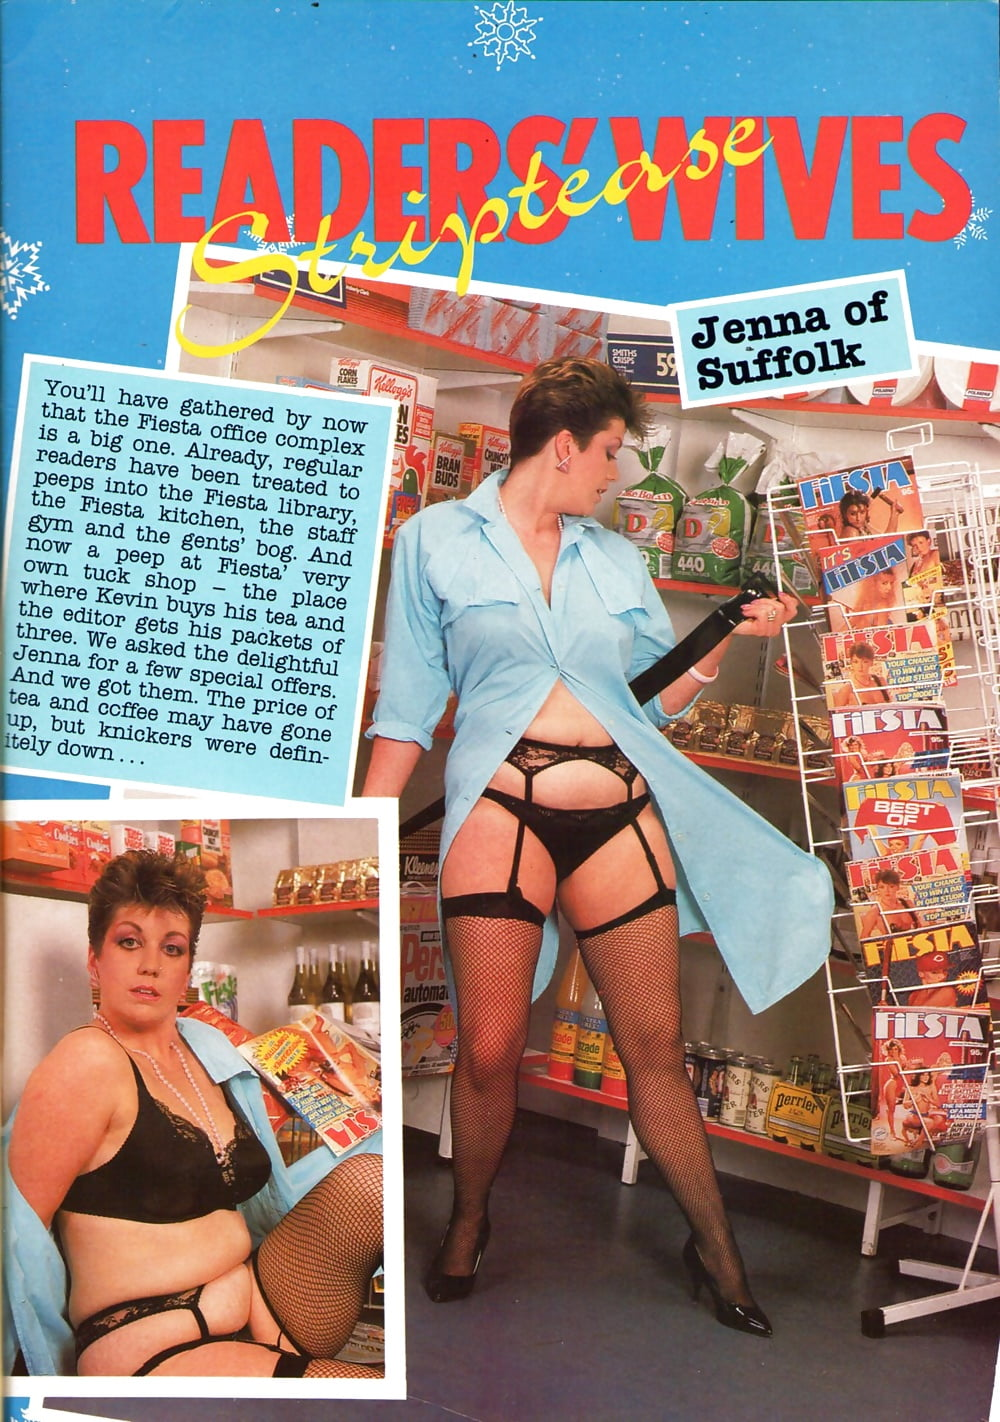 fiesta-magazin-porno-videos